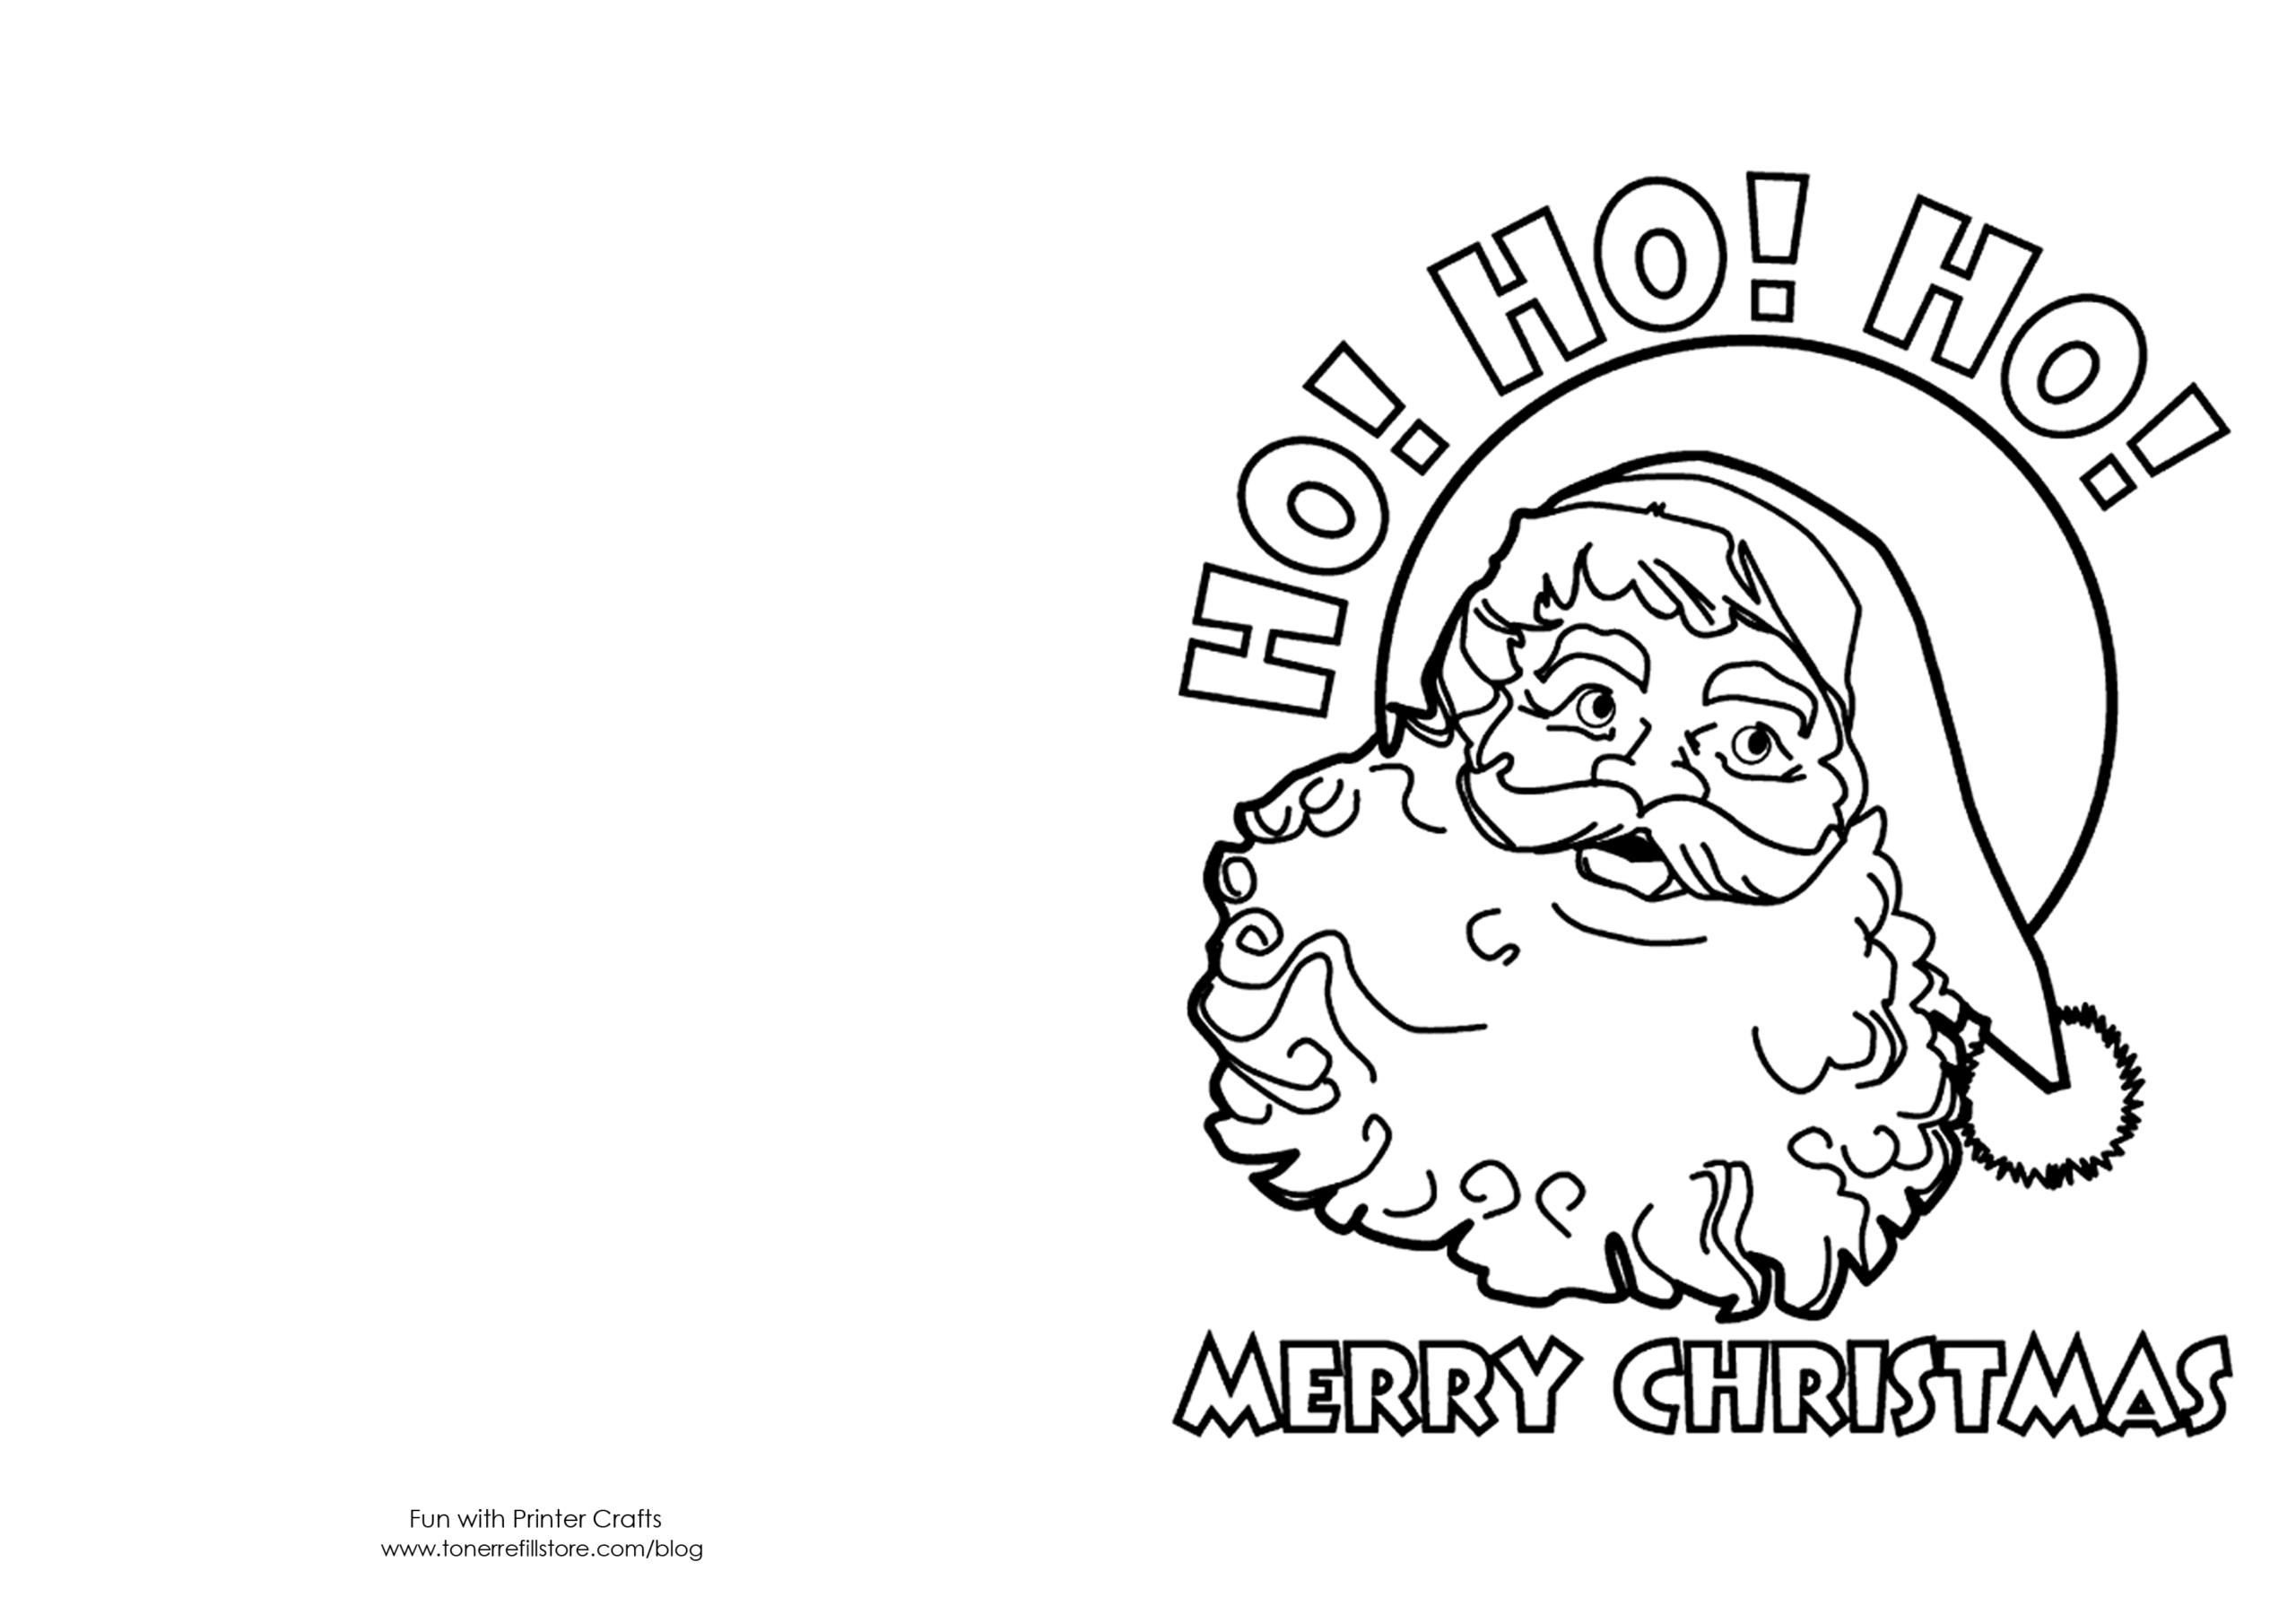 Printable Christmas Card Templates To Color – Wedding Inside Printable Holiday Card Templates